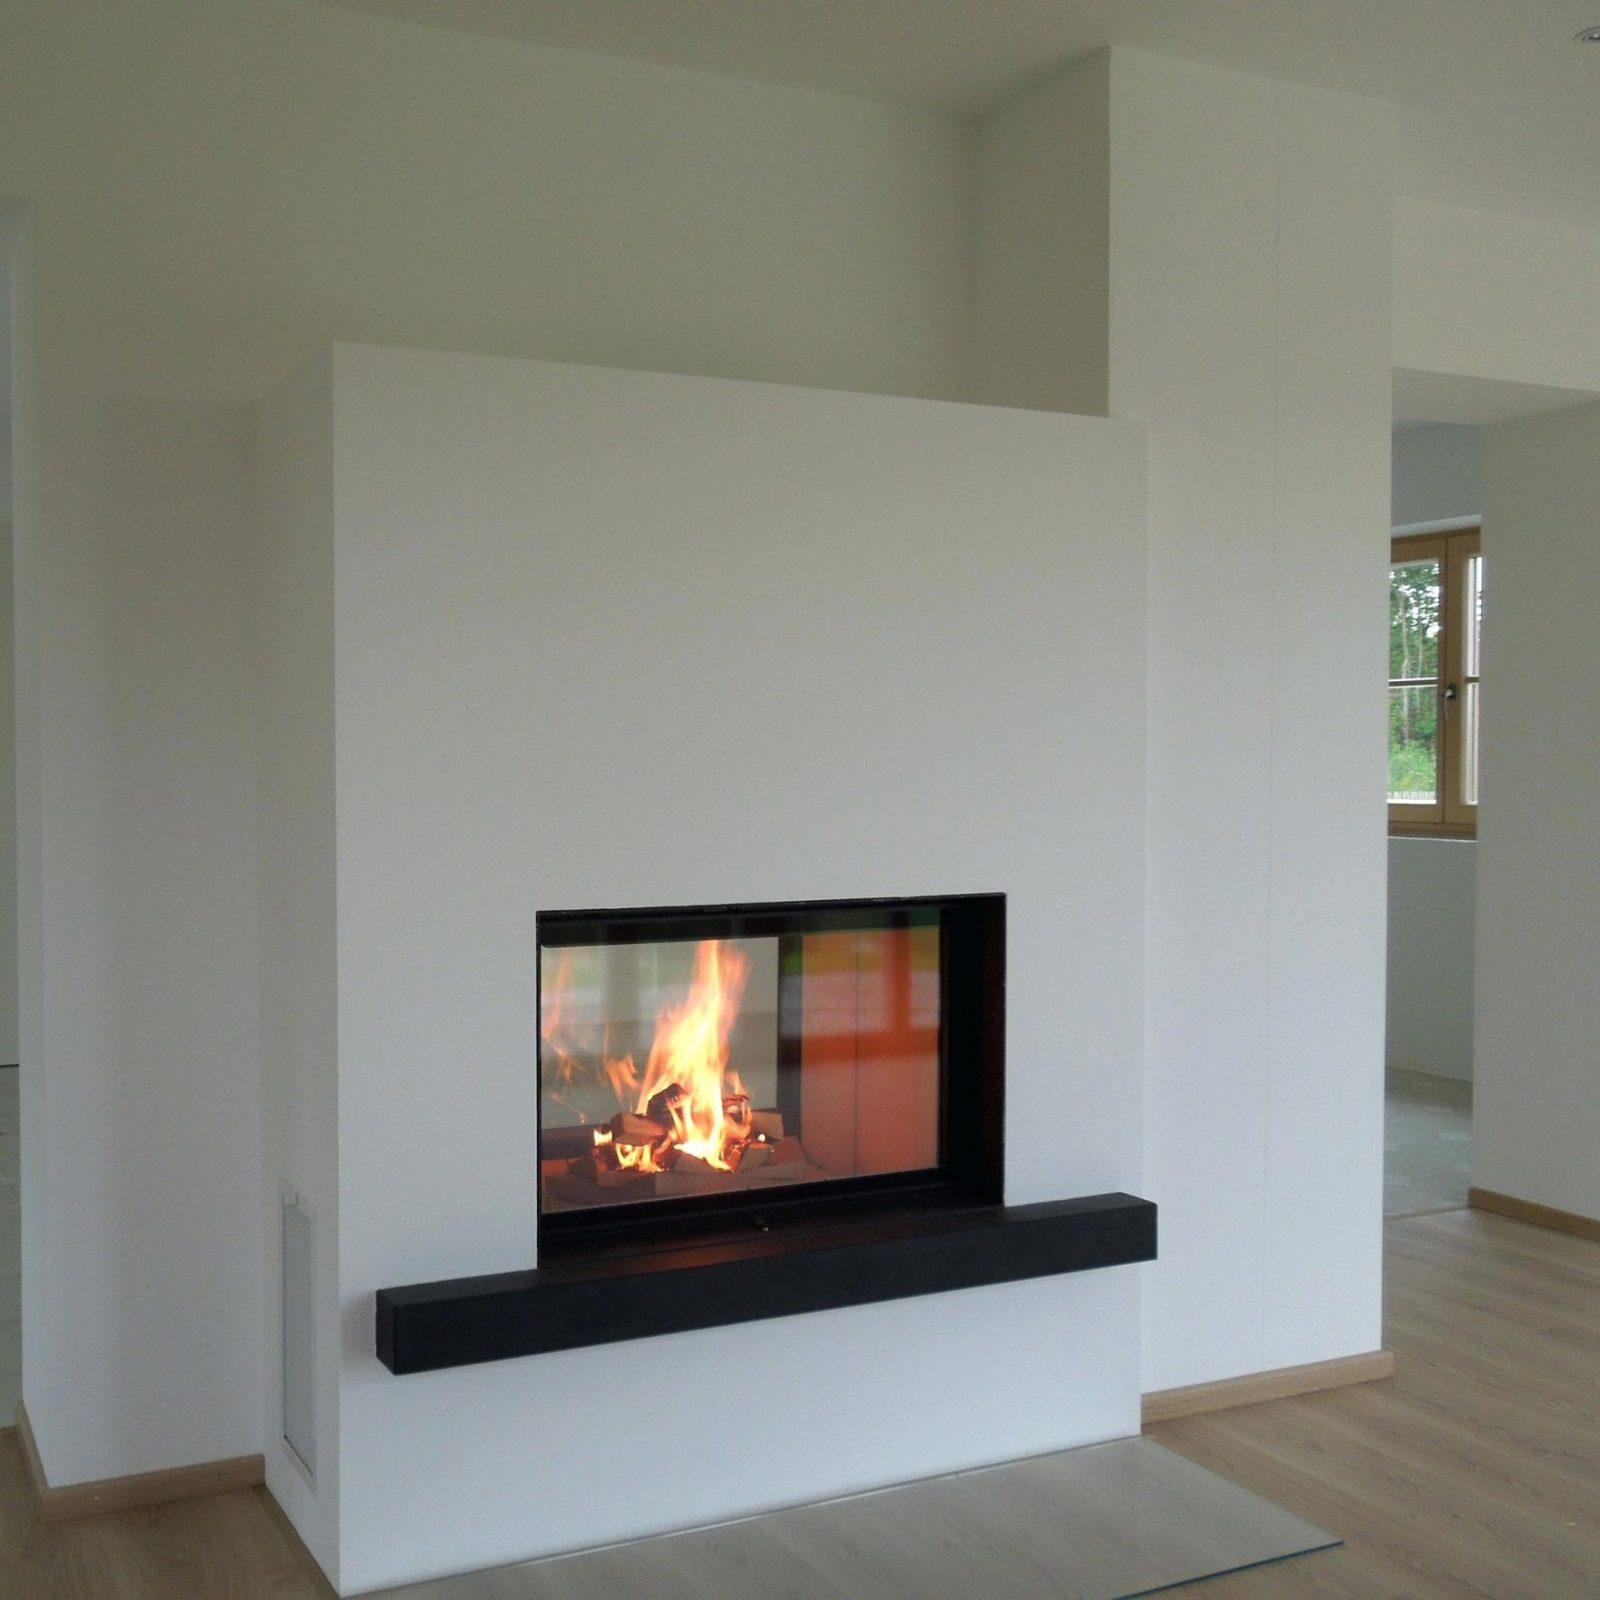 Innenarchitektur Kamin Ohne Holz von Kamin Ohne Echtes Feuer Bild